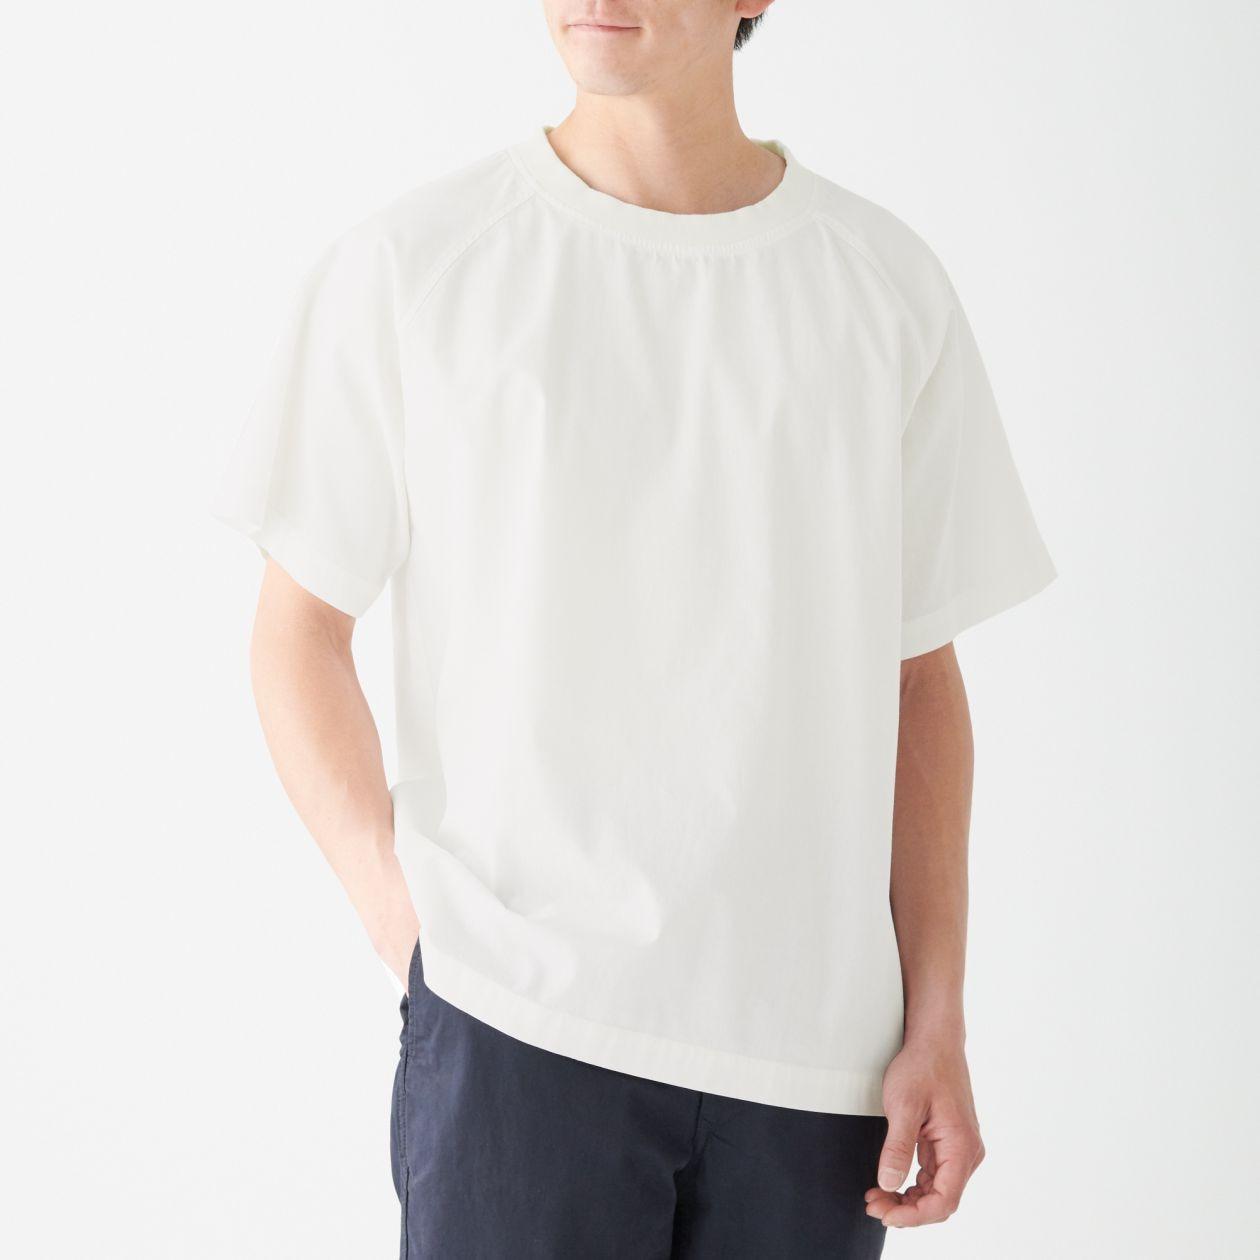 インド綿プルオーバー半袖シャツ S~M・白